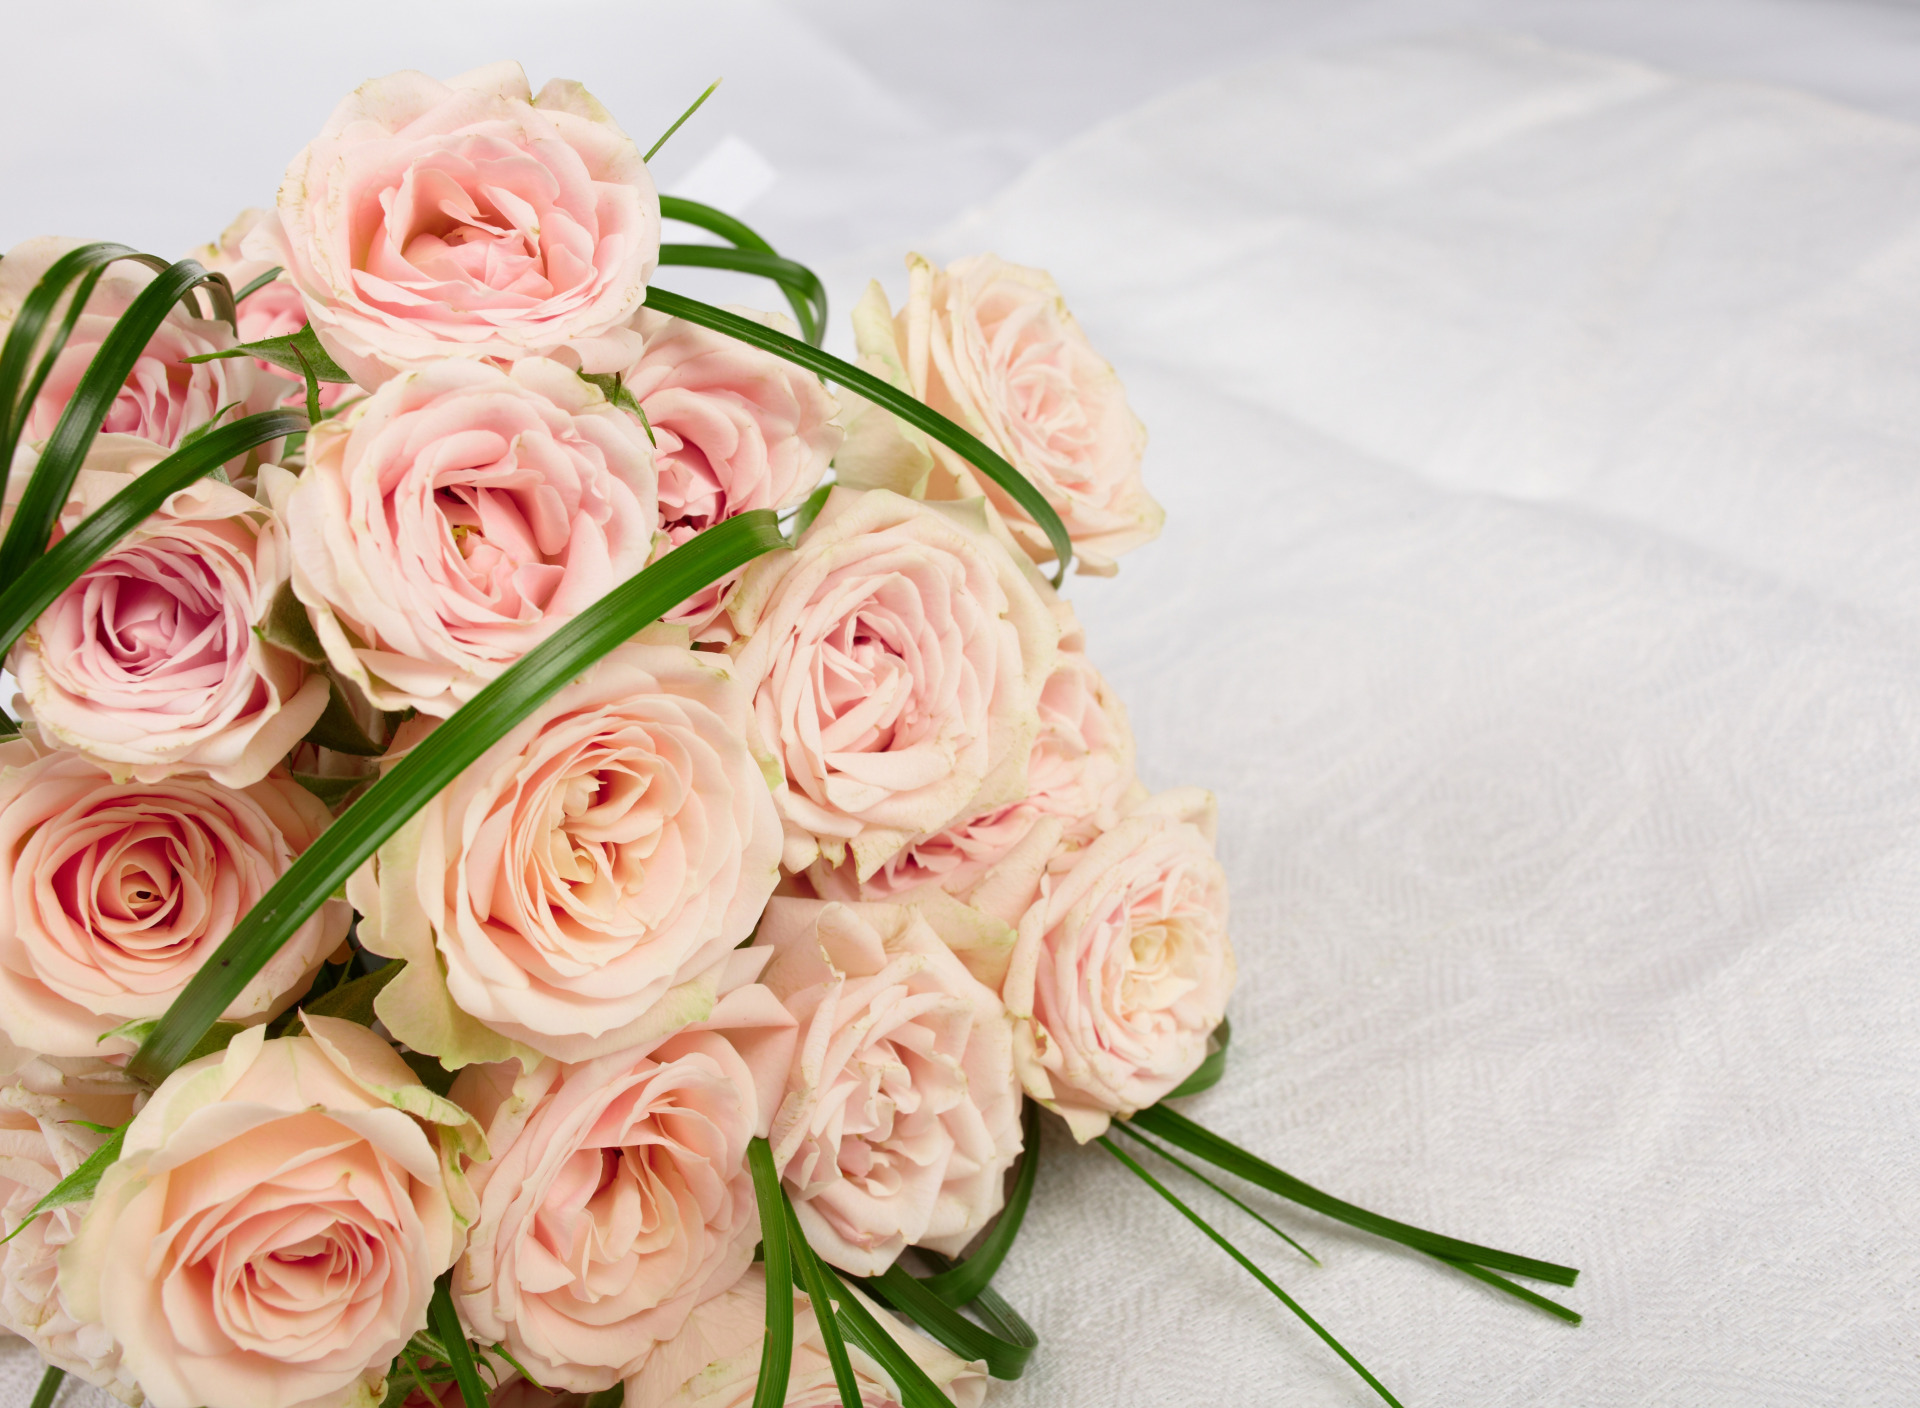 поздравление розе в прозе для рисования станет